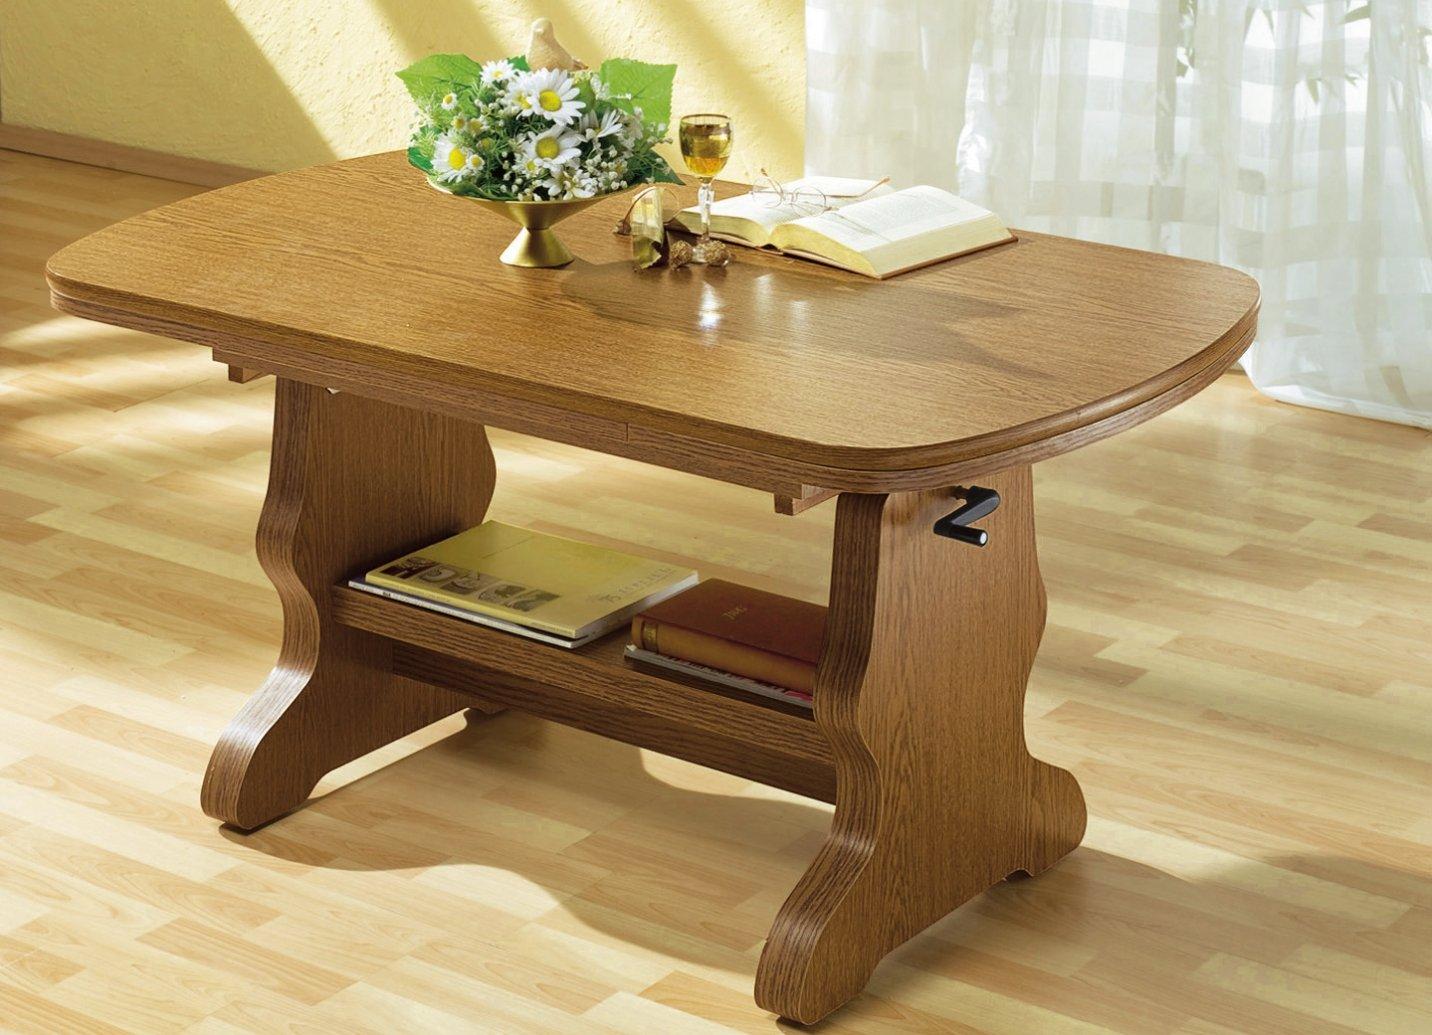 Couchtisch Höhenverstellbar Eiche ~ Couchtisch Eiche Rustikal höhenverstellbar ausziehbar Tisch Möbel